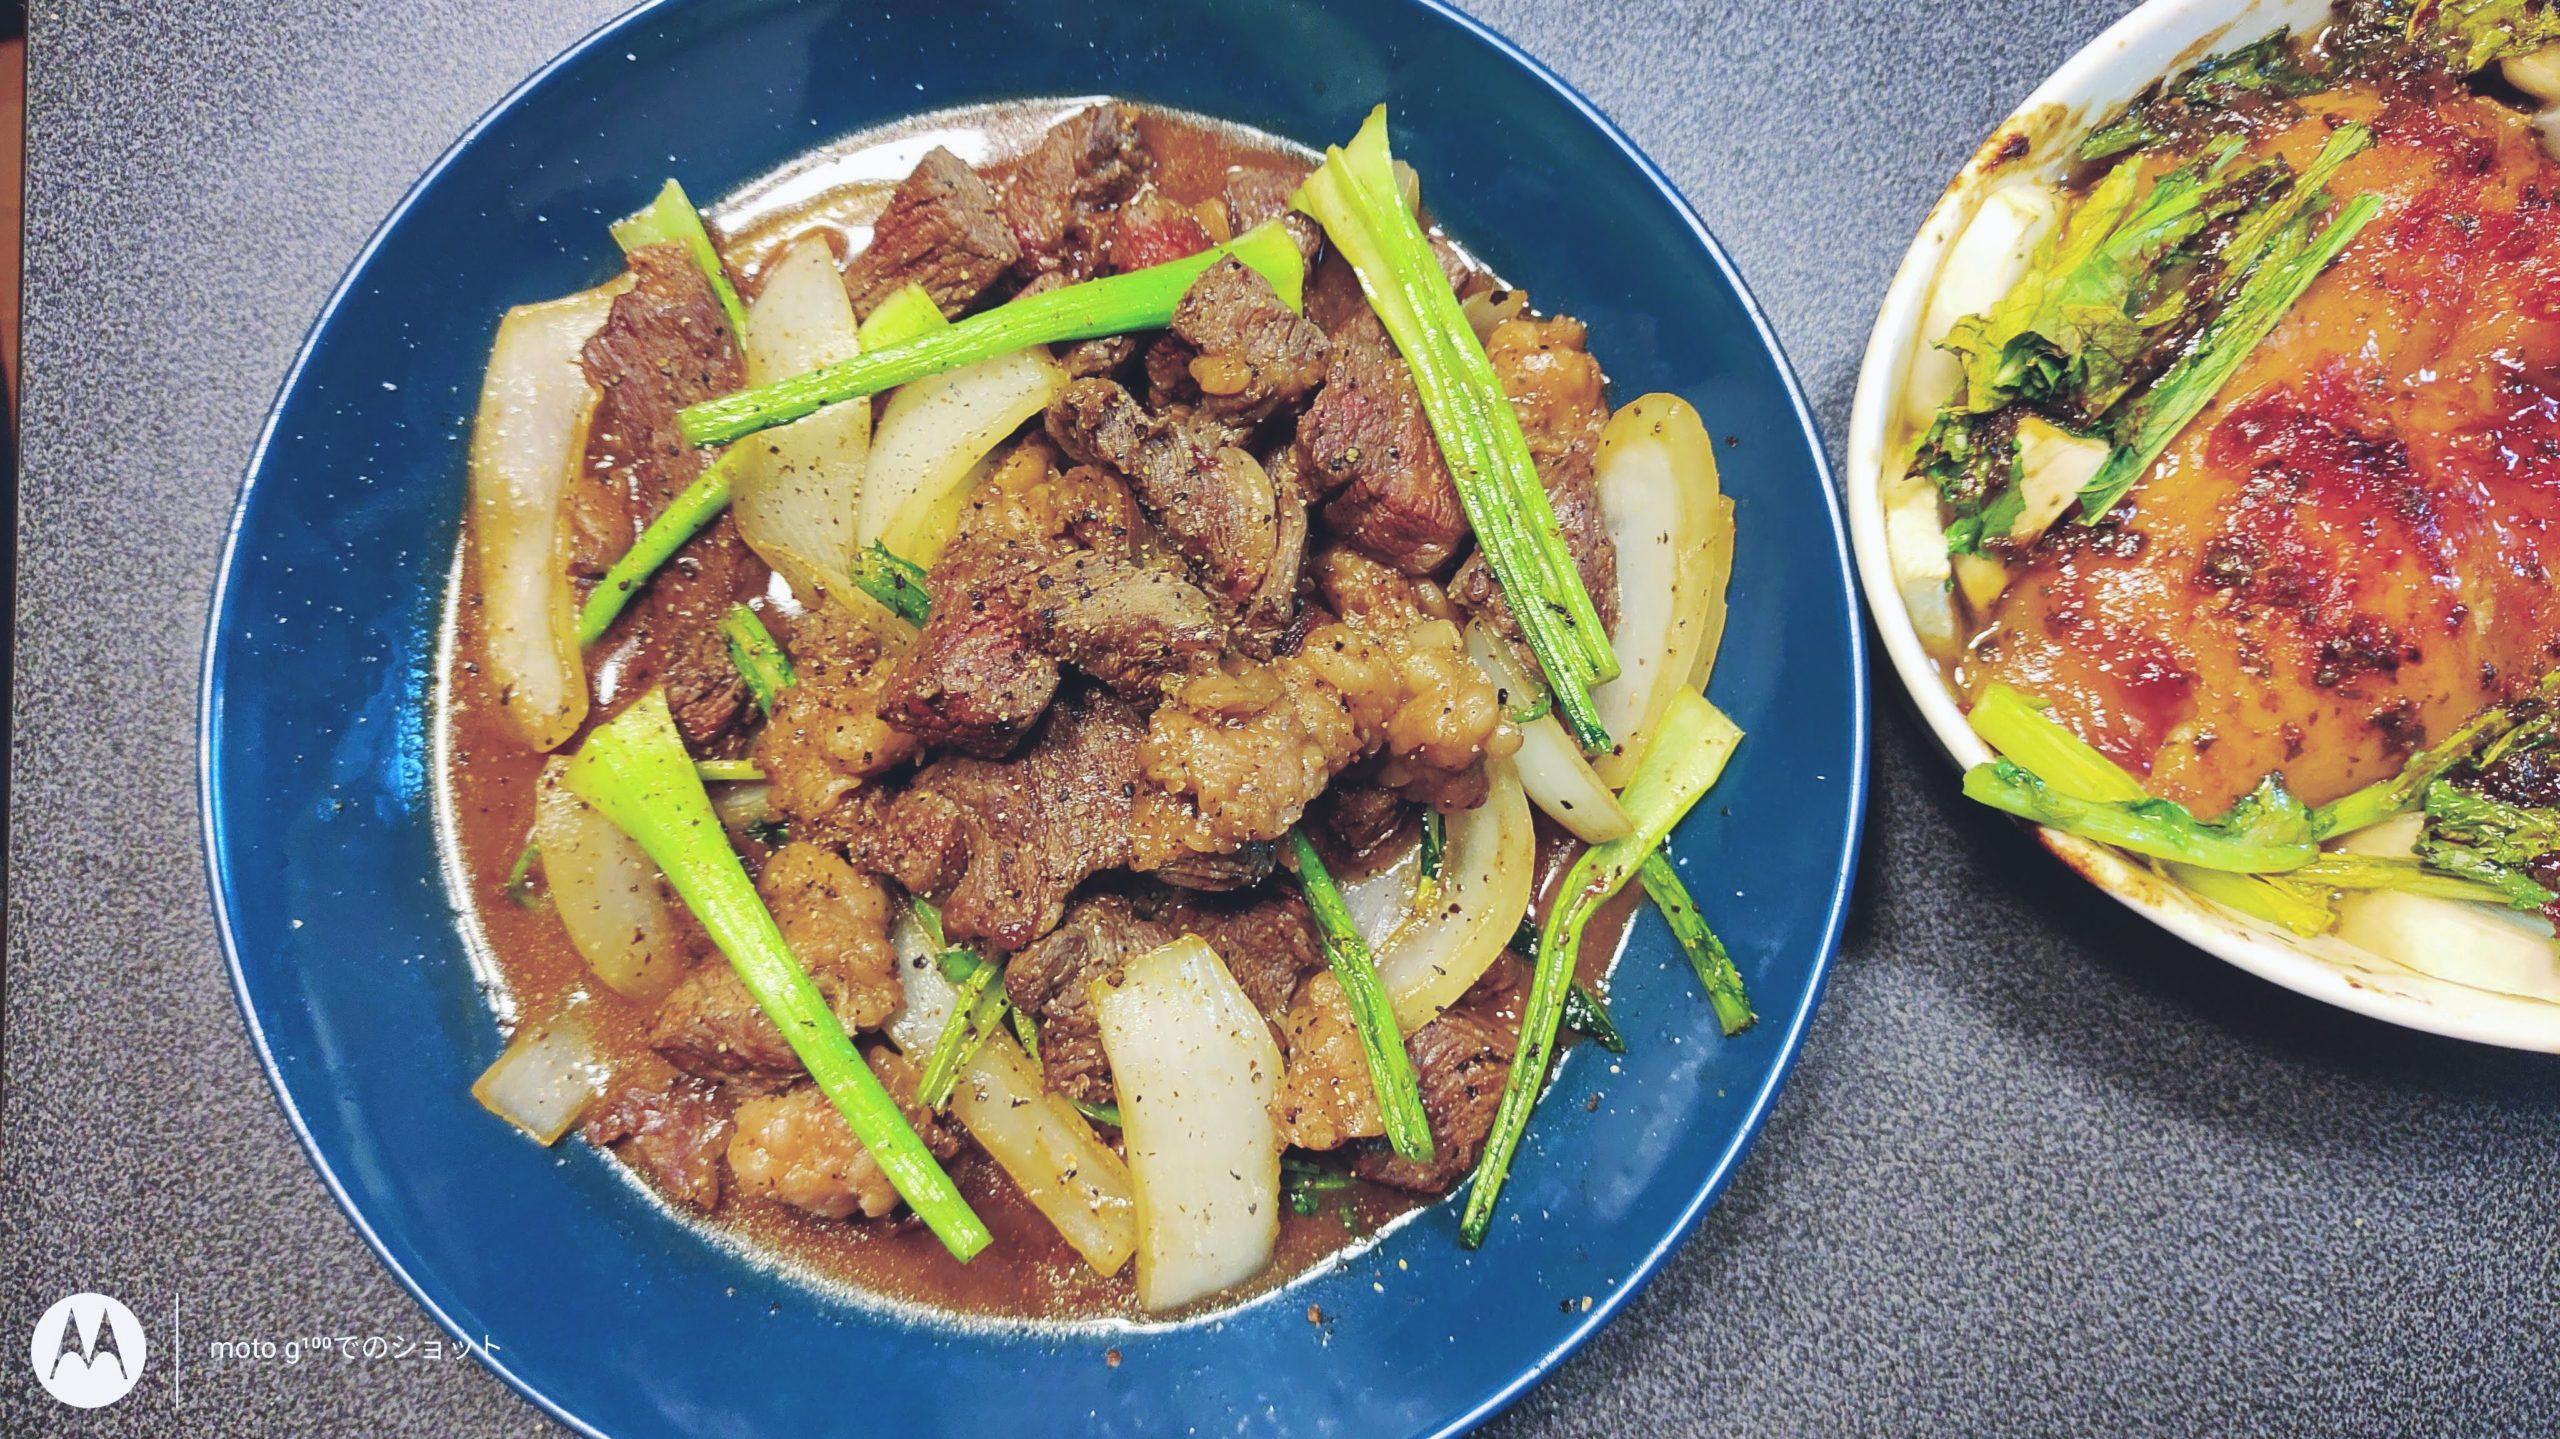 シェイキングビーフ、牛肉の炒め物